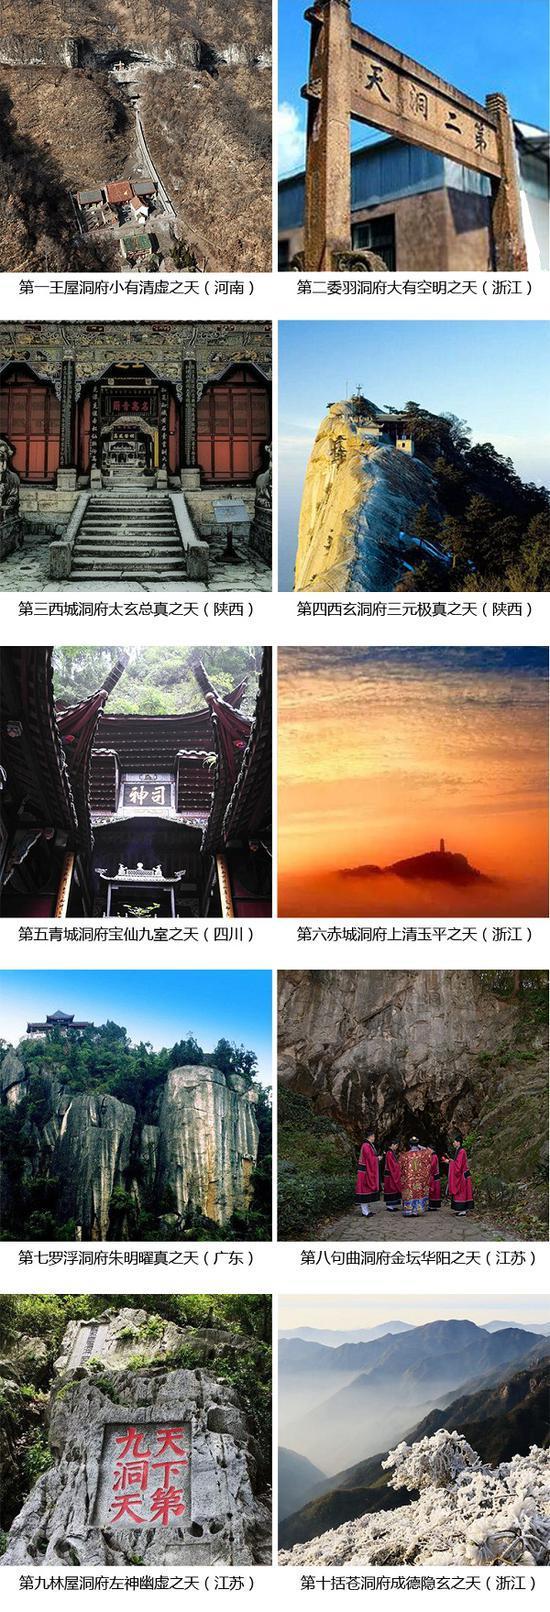 中国十大洞天(图片来源:网络)